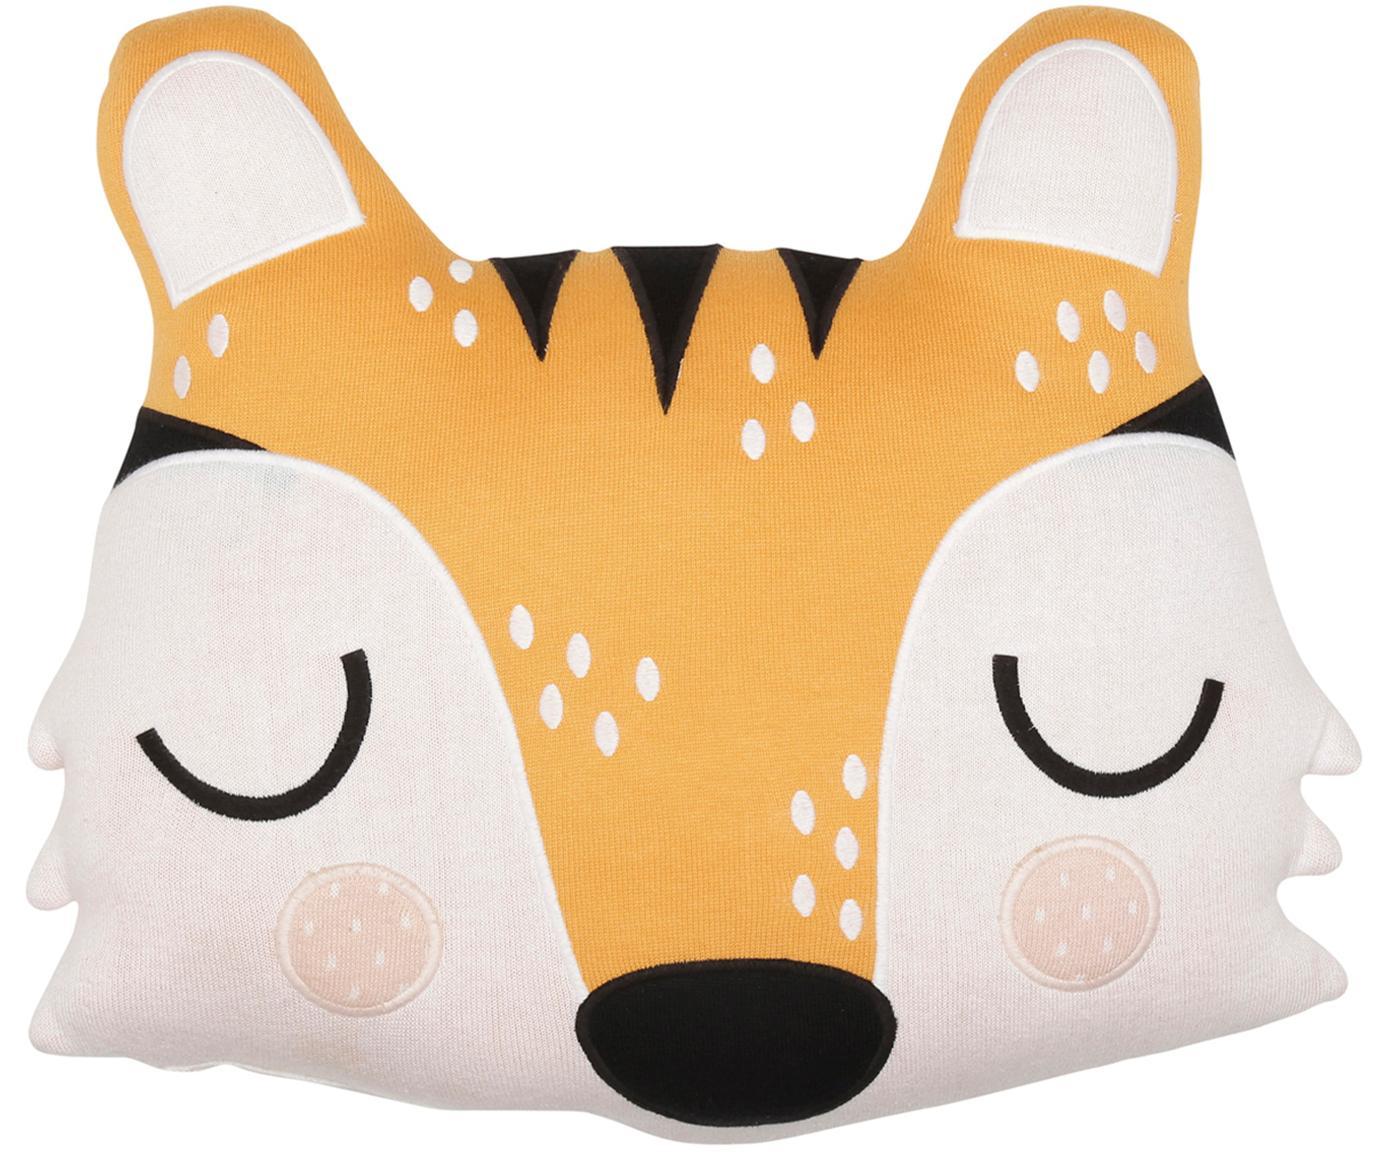 Poduszka do przytulania z bawełny organicznej Tiger Theo, Bawełna organiczna, certyfikat GOTS, Pomarańczowy, kremowy, czarny, S 40 x D 45 cm